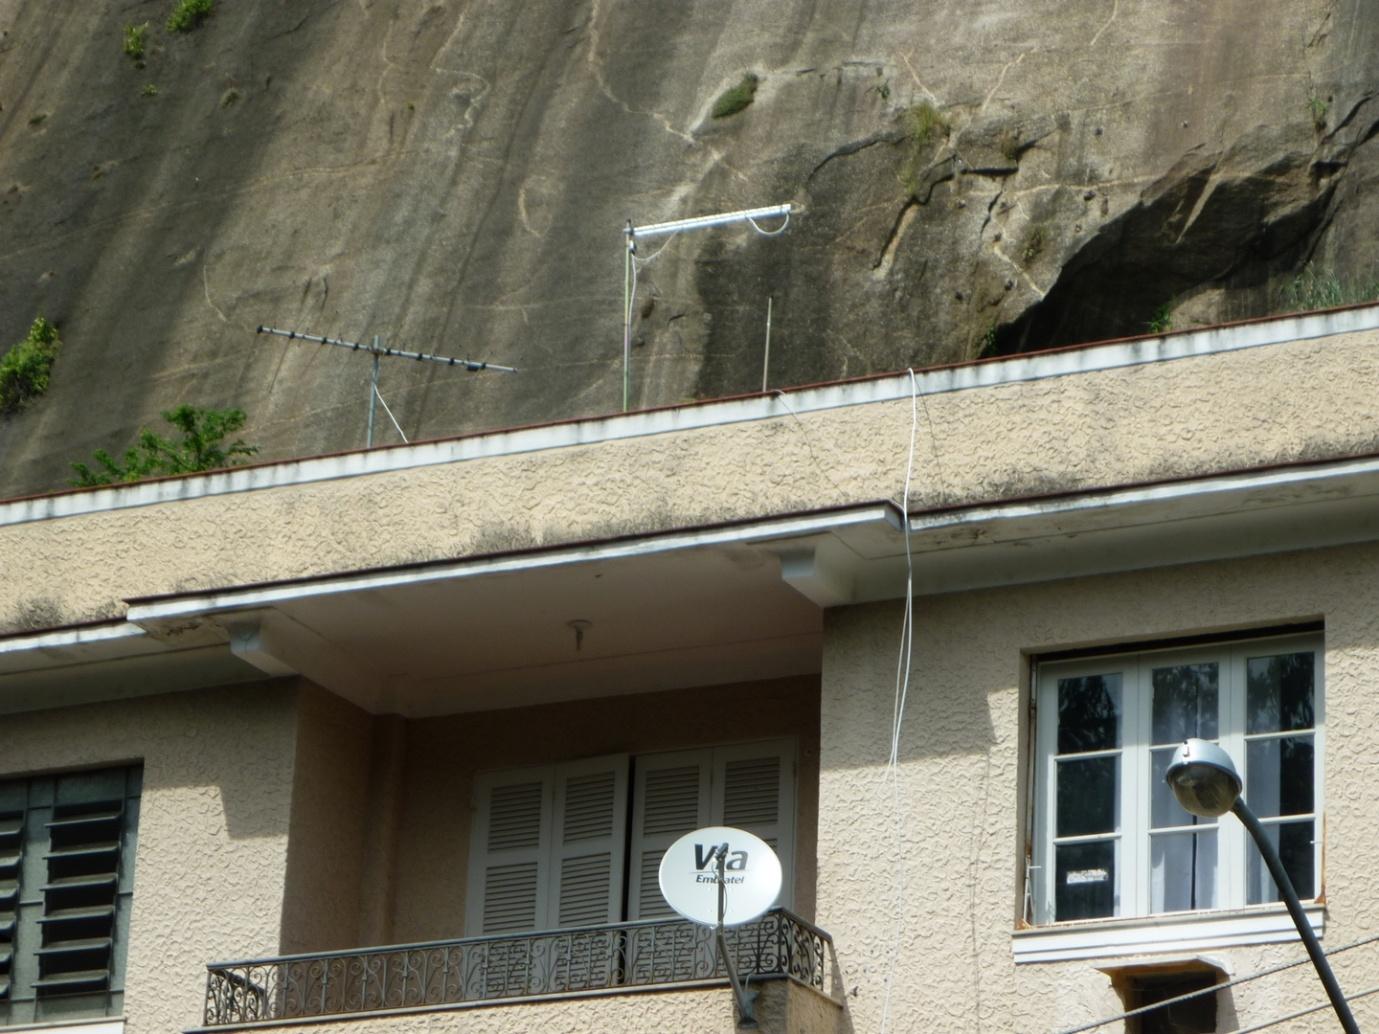 Uma antena UHF solitária, em uso para DTV, próxima de outra, VHF, abandonada. No apartamento de baixo, a situação de quem vive em locais sem sinal analógico de televisão, dentro da área urbana da cidade.